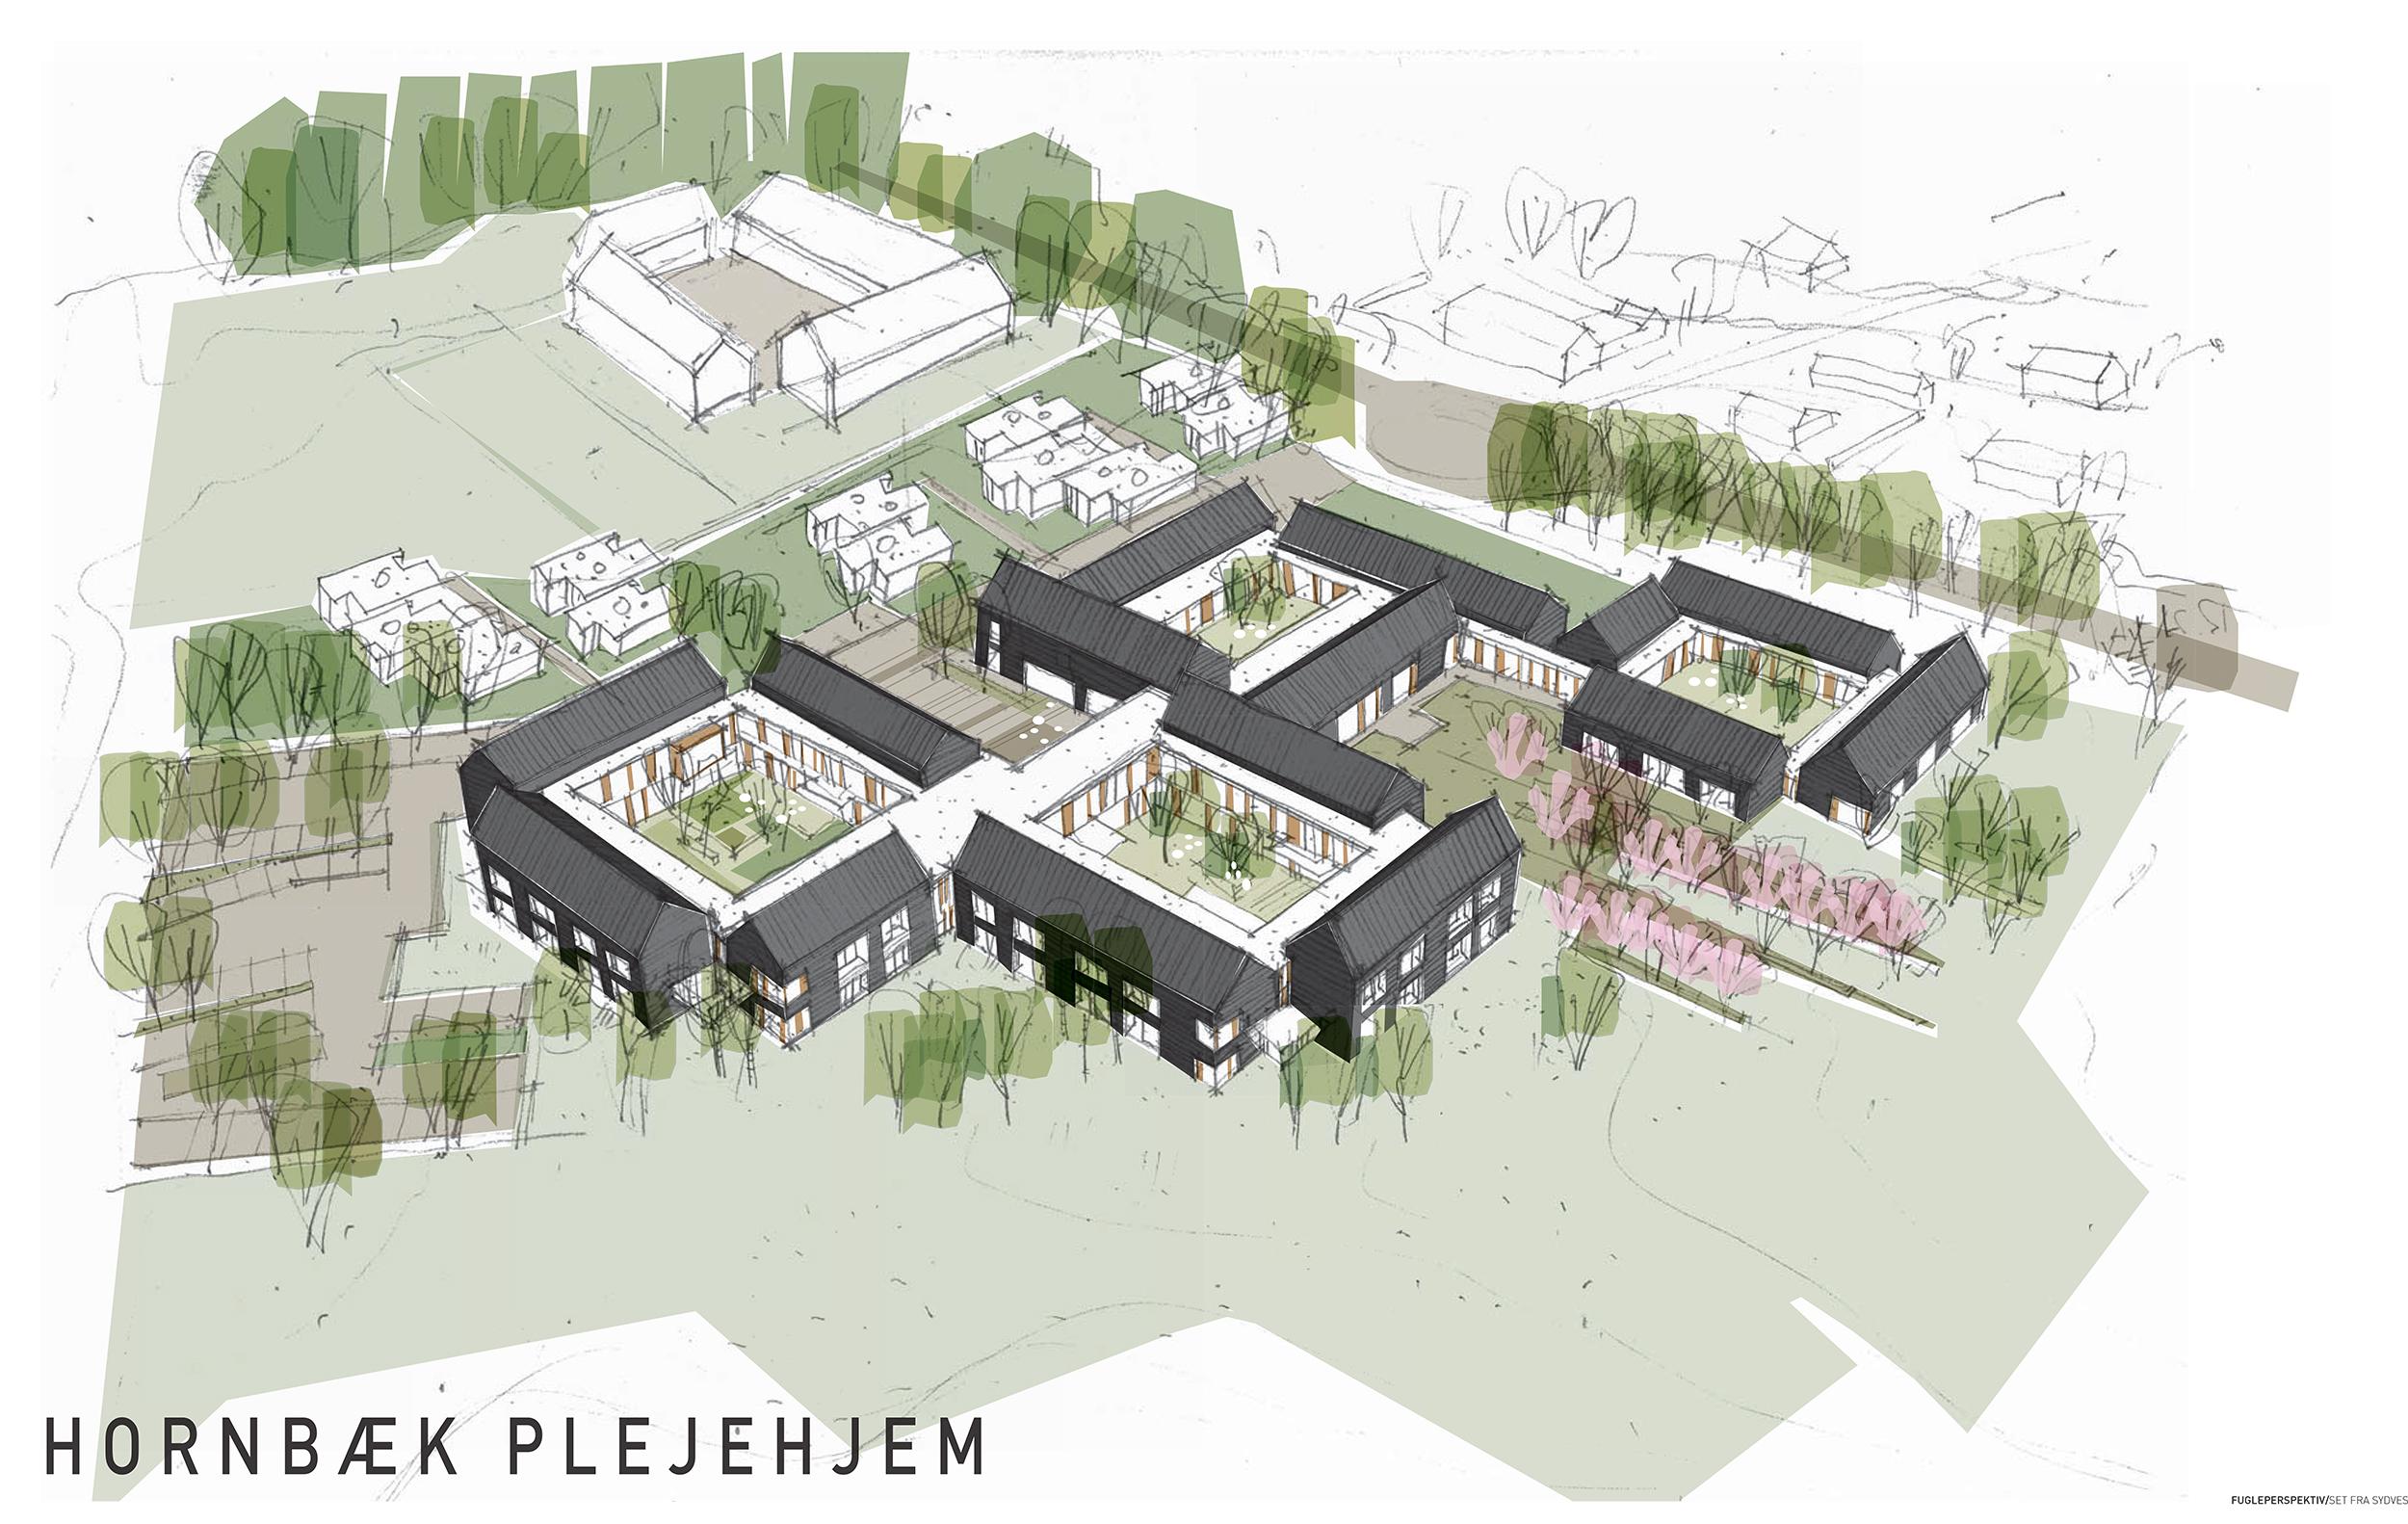 Hornbæk Plejehjem_plancher_final.indd